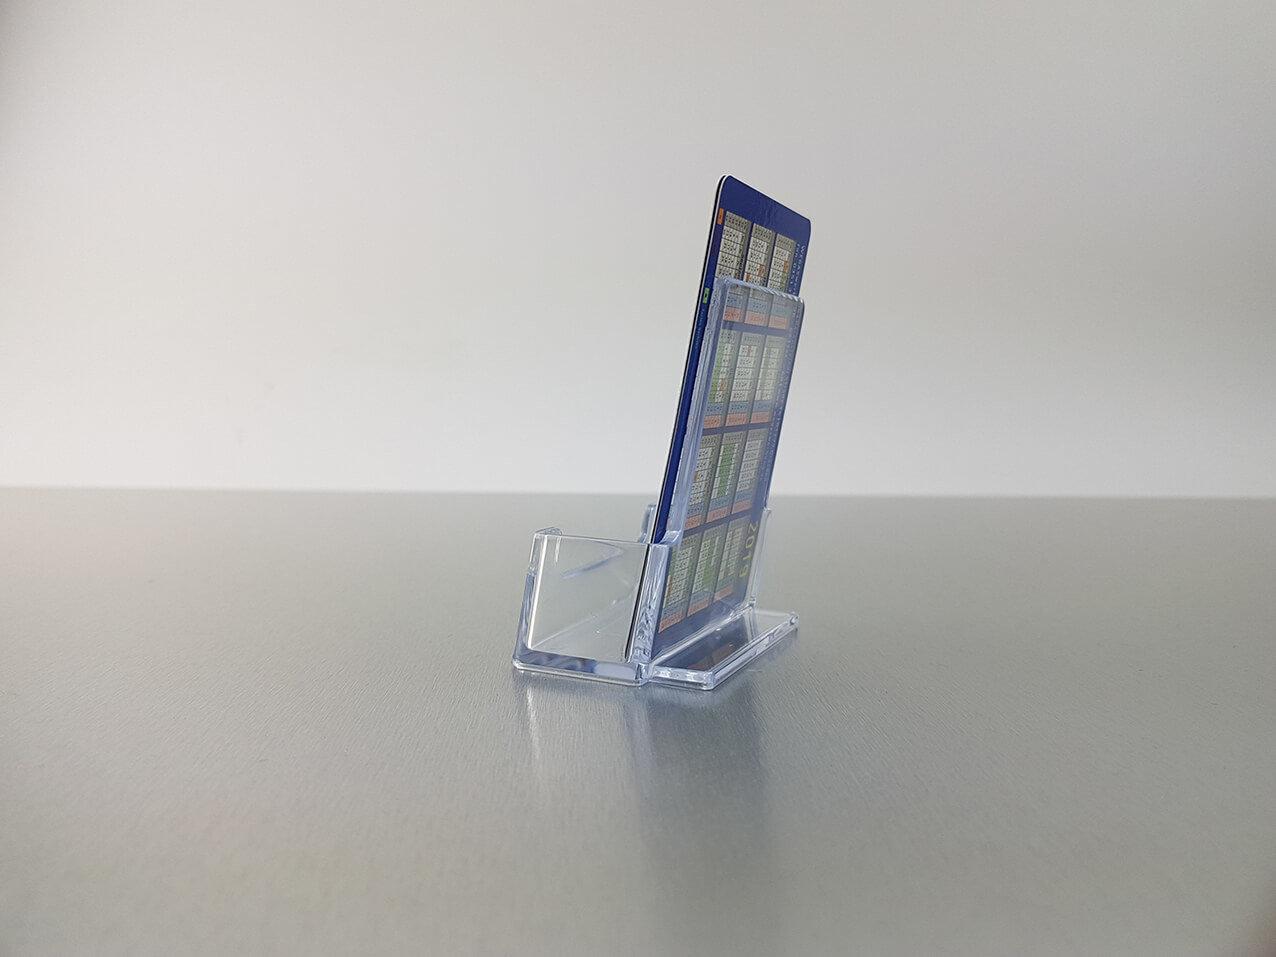 520-Acrylbox-hoch-Visitenkarten-1211